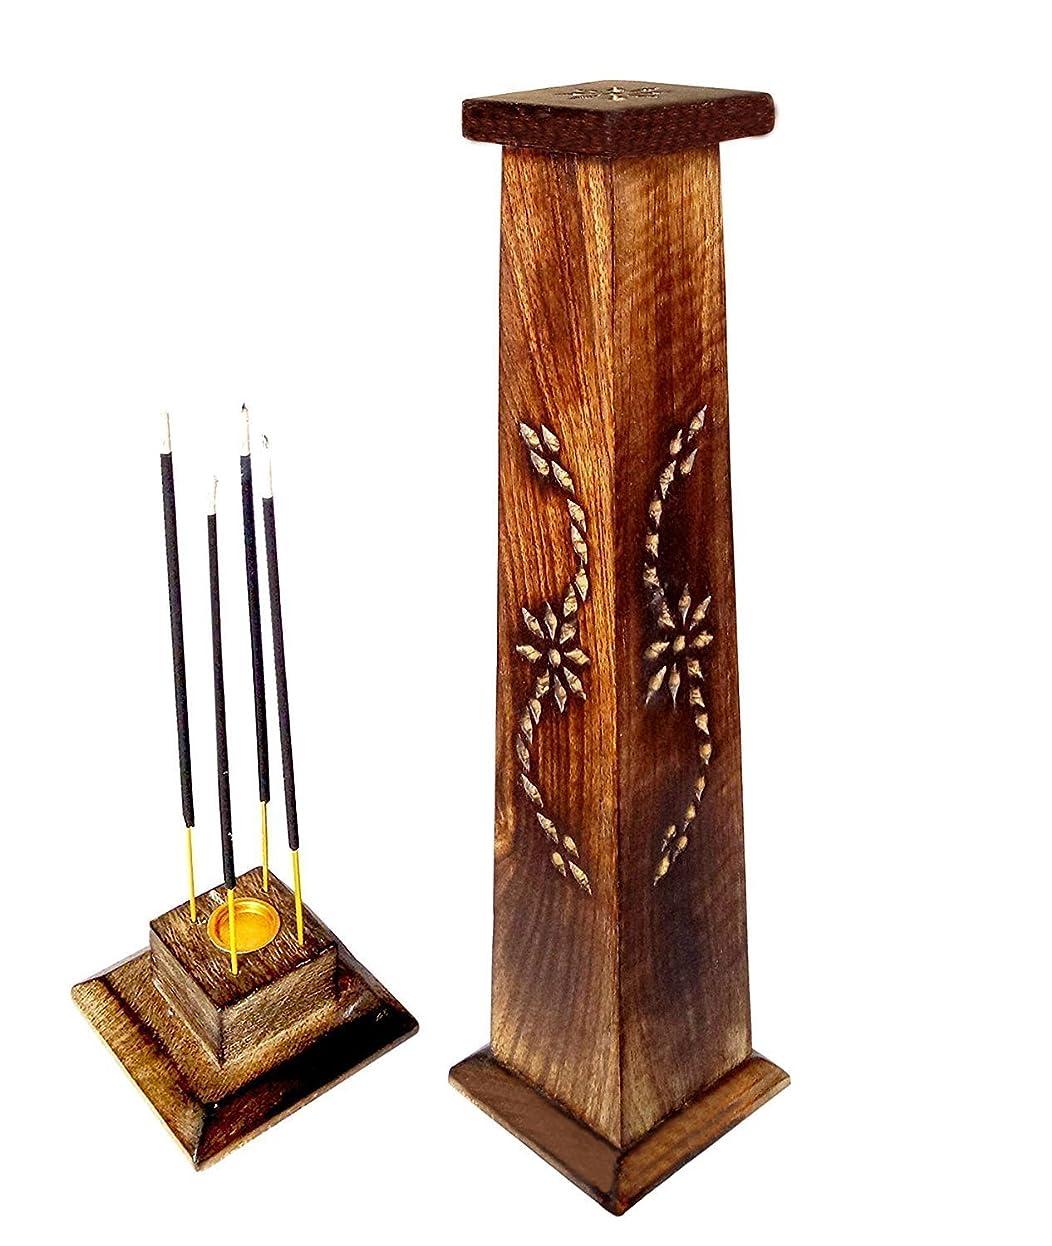 最大化する絶妙ビート木製香炉Ideal for Aromatherapy、禅、Spa、Vastu、レイキChakra Votive Candle Garden Incense Tower 12?